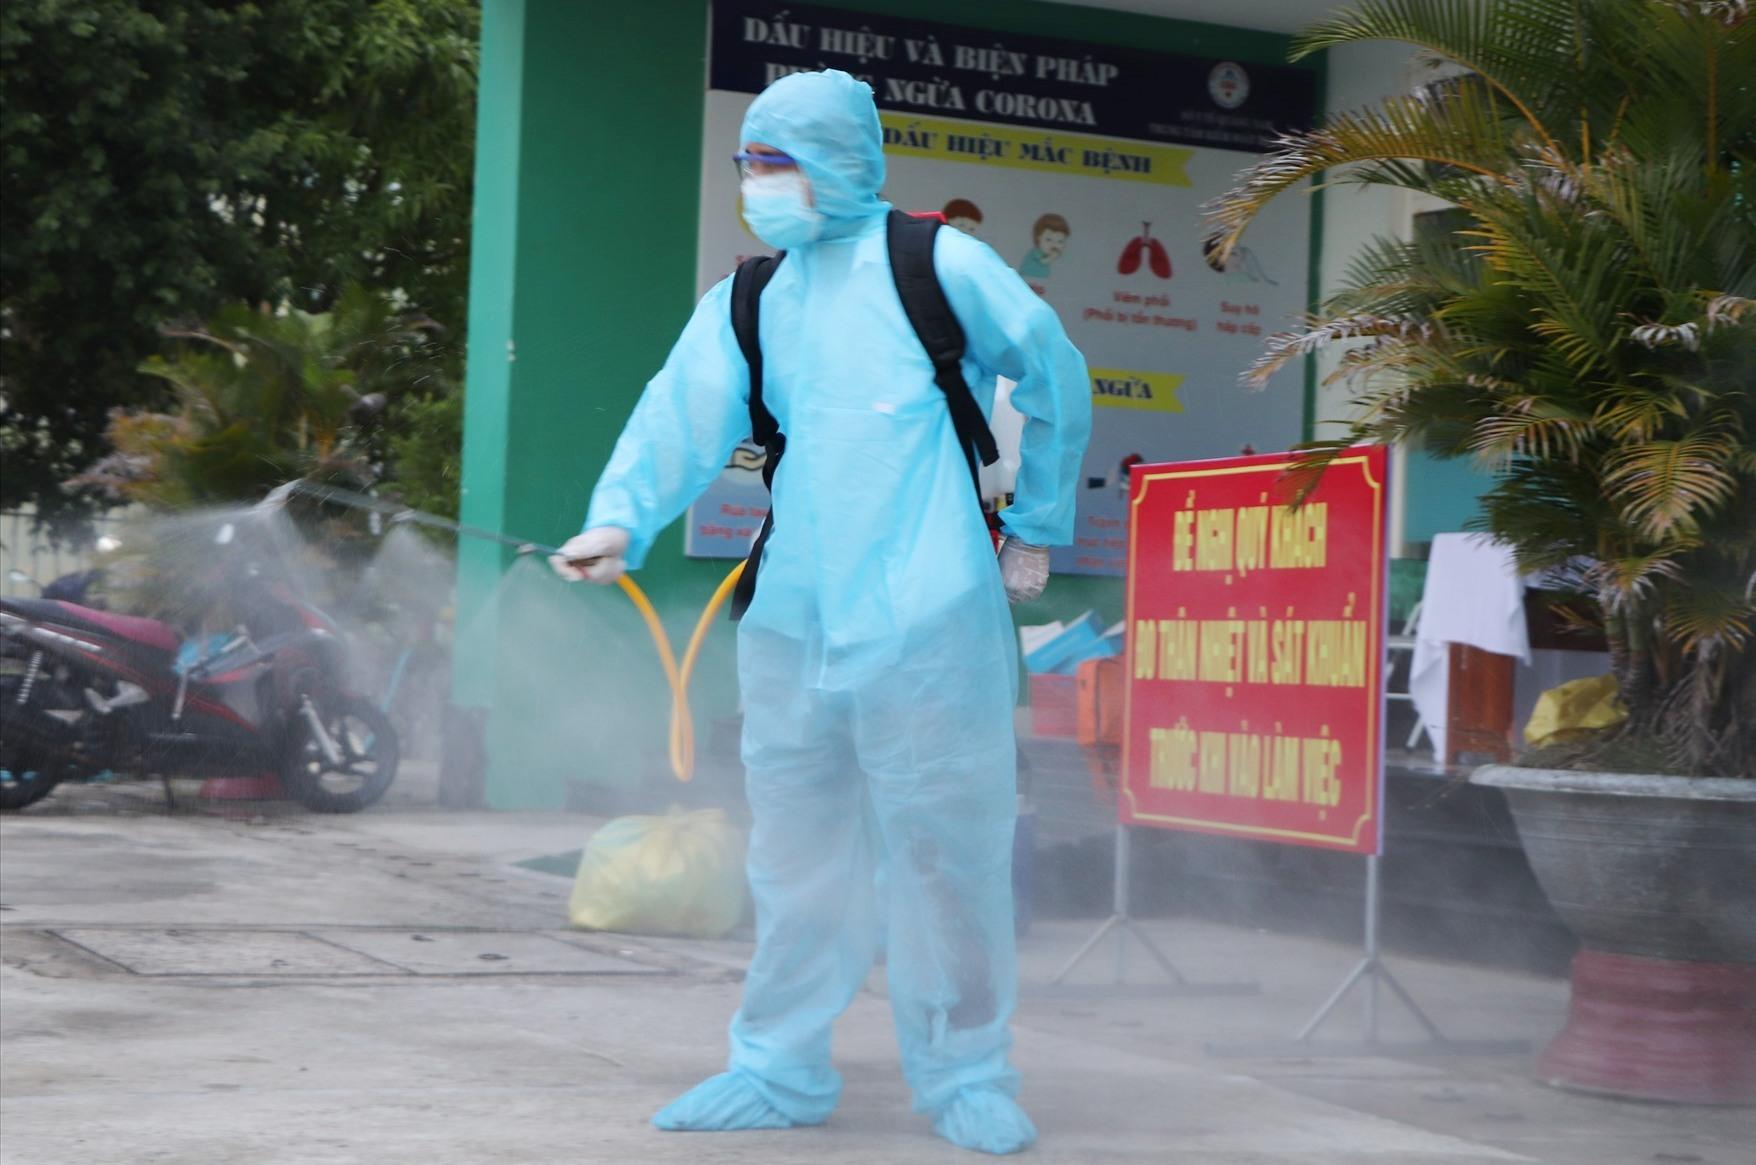 Tiêu độc khử trùng tại các khu vực xuất hiện các ca dương tính. Ảnh: X.H